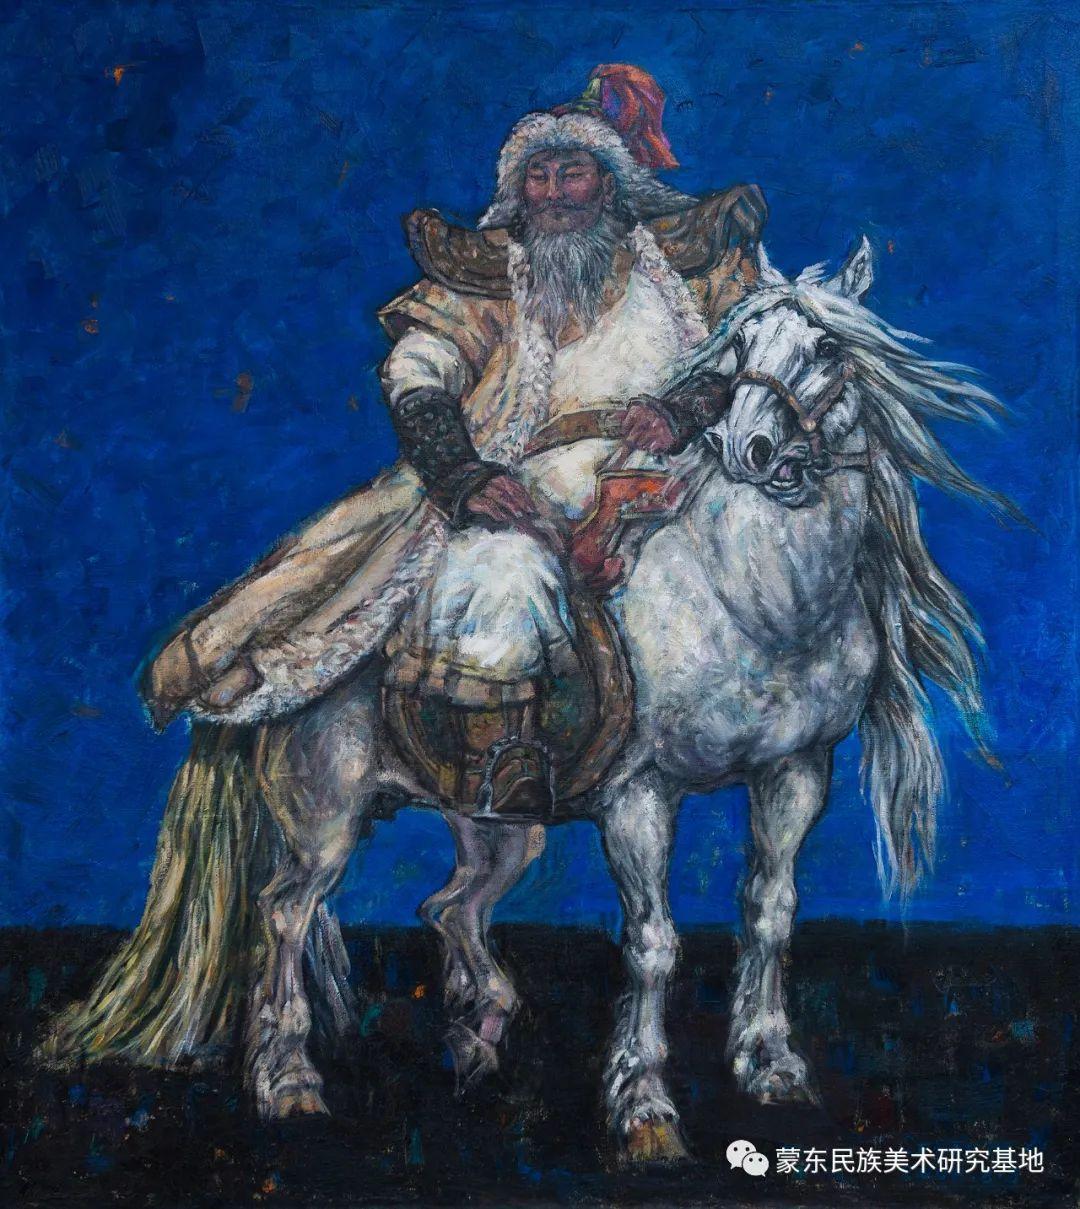 科尔沁首届油画展作品集 第5张 科尔沁首届油画展作品集 蒙古画廊